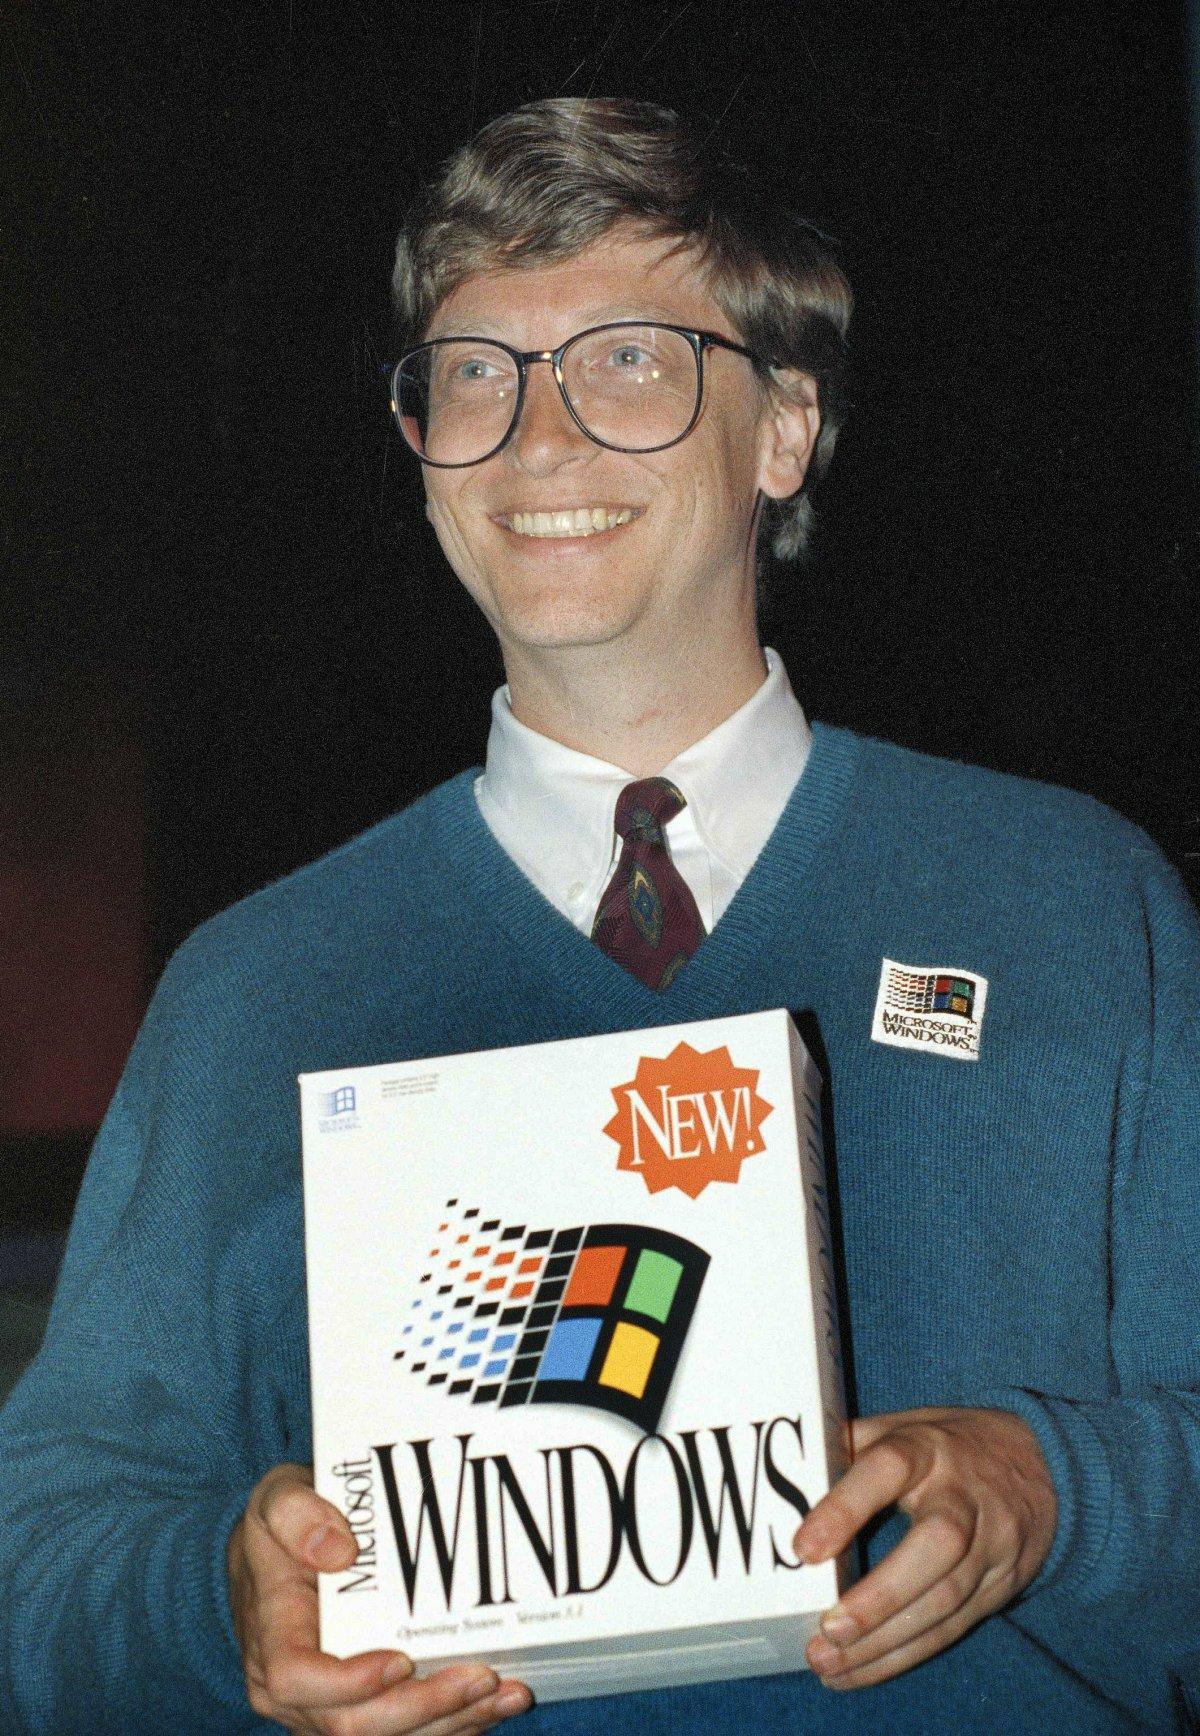 طبیعتاً چنین نشد. ویندوز ۳.۰ در سال ۱۹۹۰ تبدیل به یک محصول کاملاپرطرفدار شده بود و مایکروسافت هم دیگر نیازی به IBM نداشت. در نتیجه به راحتیOS/2 را کنار گذاشت. IBM تصمیم گرفت به تنهایی این پروژه را ادامه دهد و چندین سال هم از آن پشتیبانی کرد تا جایی که نهایتا در سال ۲۰۰۶ مرگ آن را اعلام نمود.